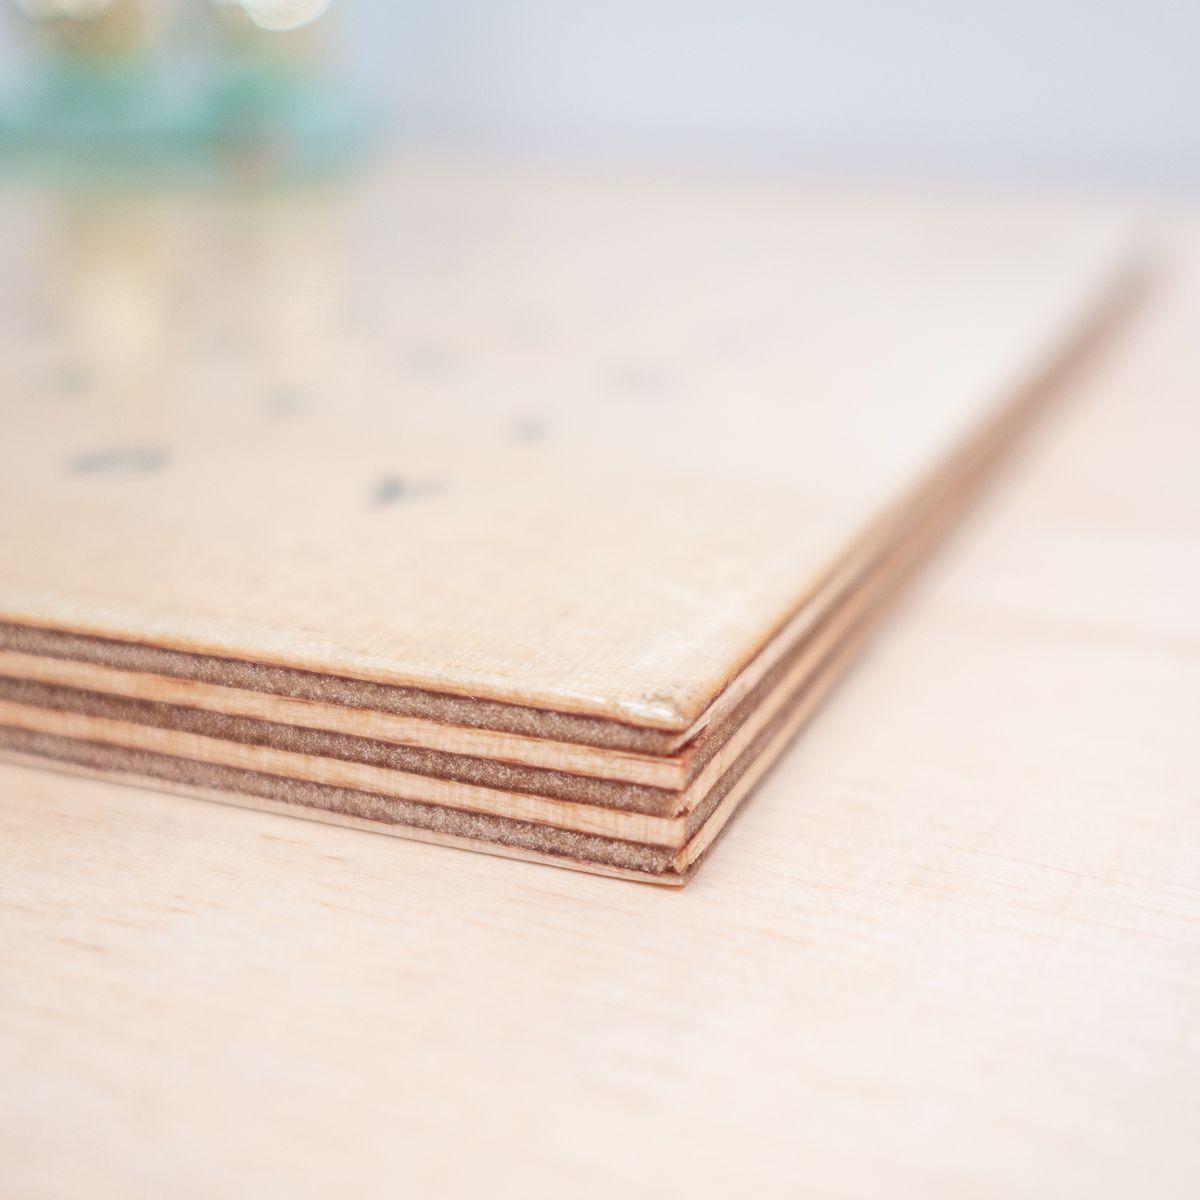 impression sur bois personnalisable p le m le de mots. Black Bedroom Furniture Sets. Home Design Ideas